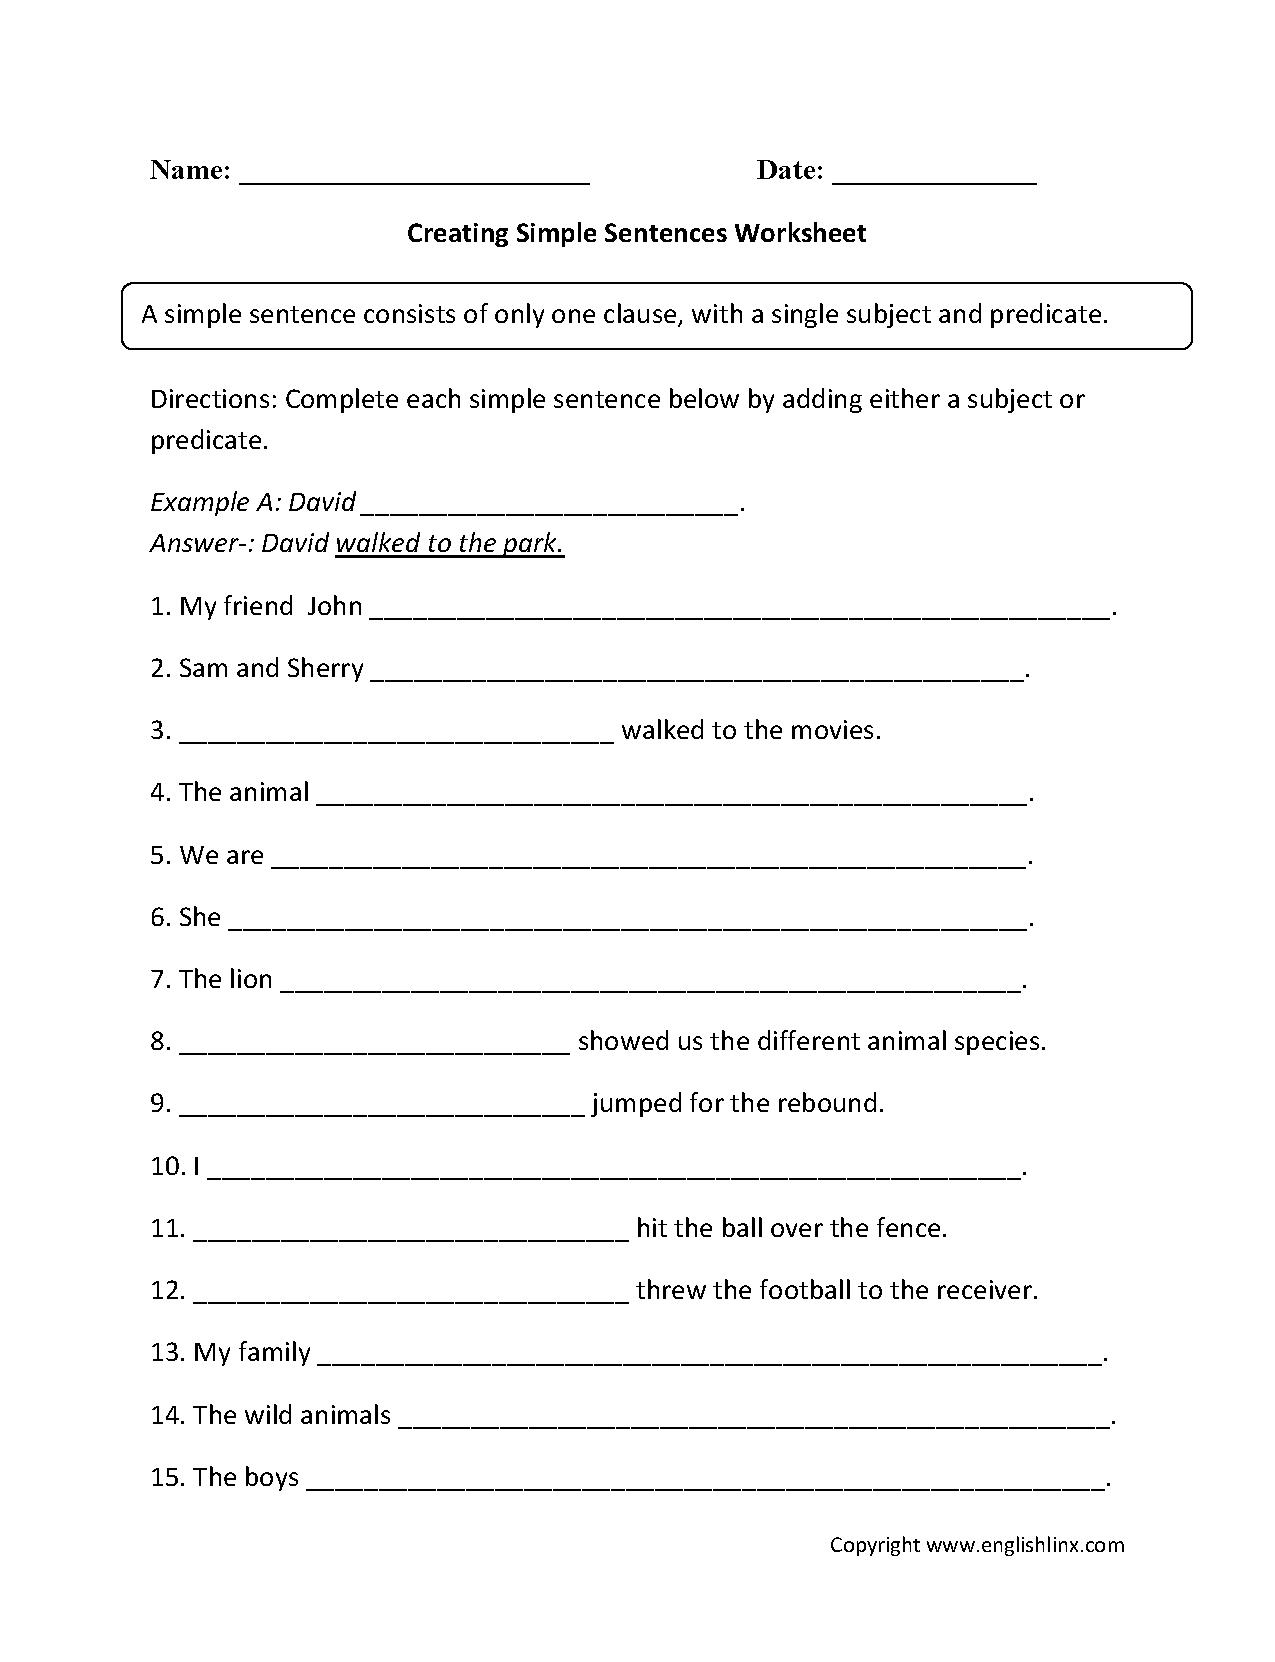 Creating Simple Sentence Worksheet